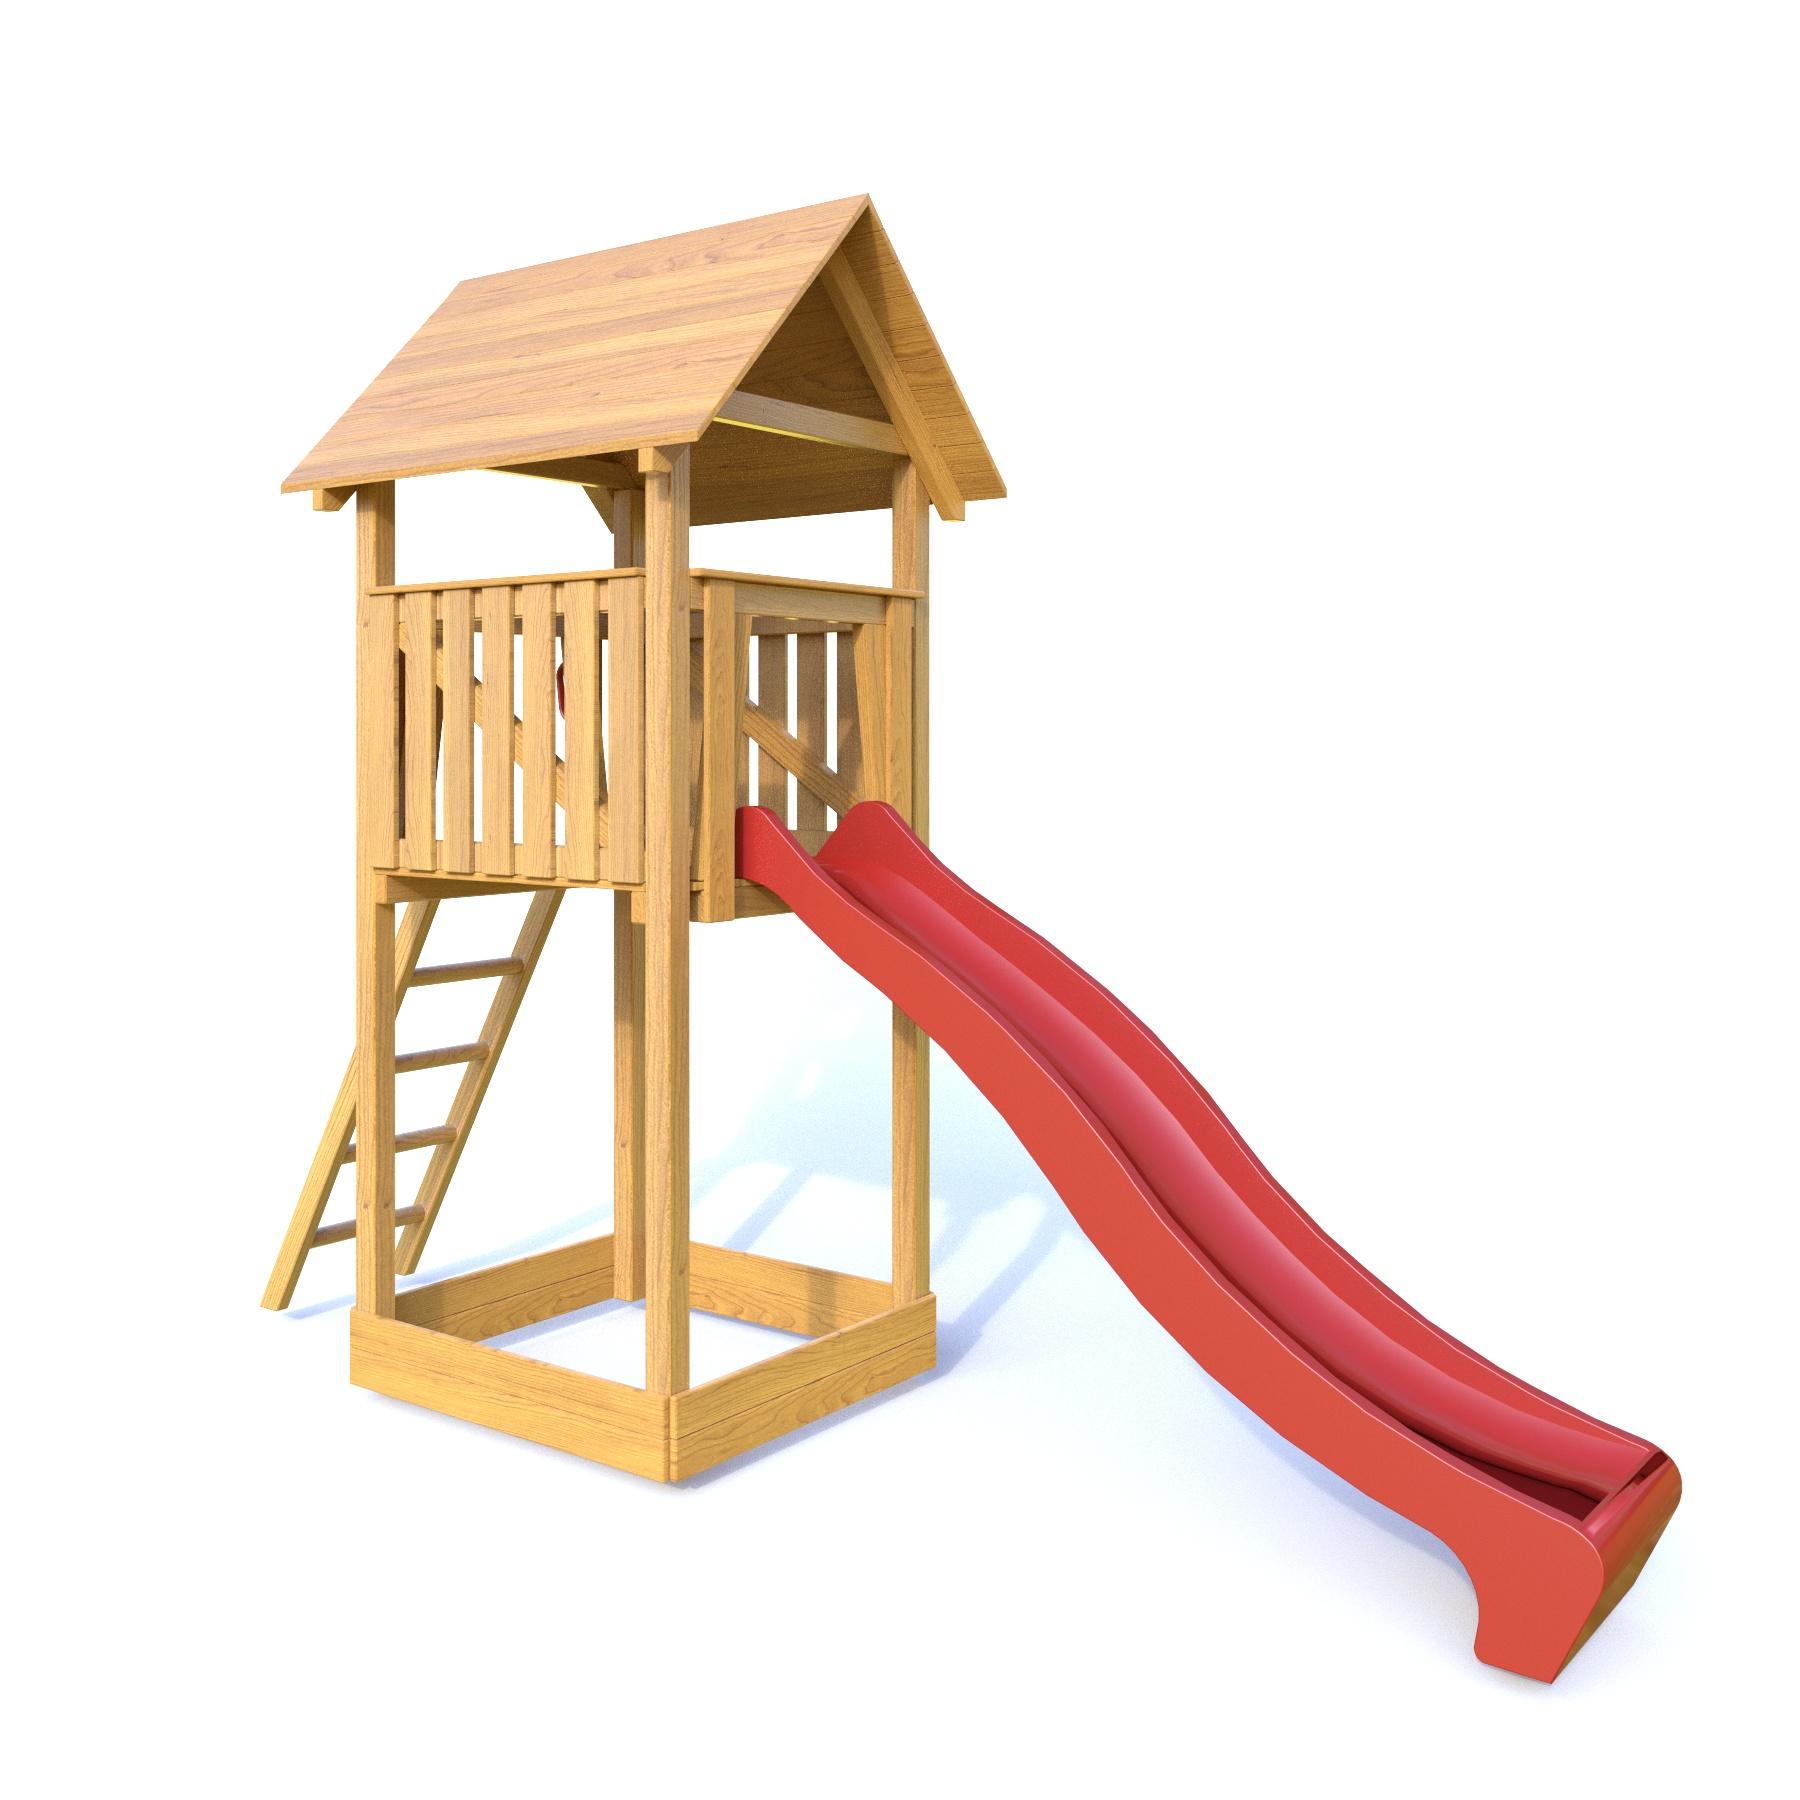 Palis Gym Dřevěné dětské hřiště - Stavebnice hřiště Lucinka